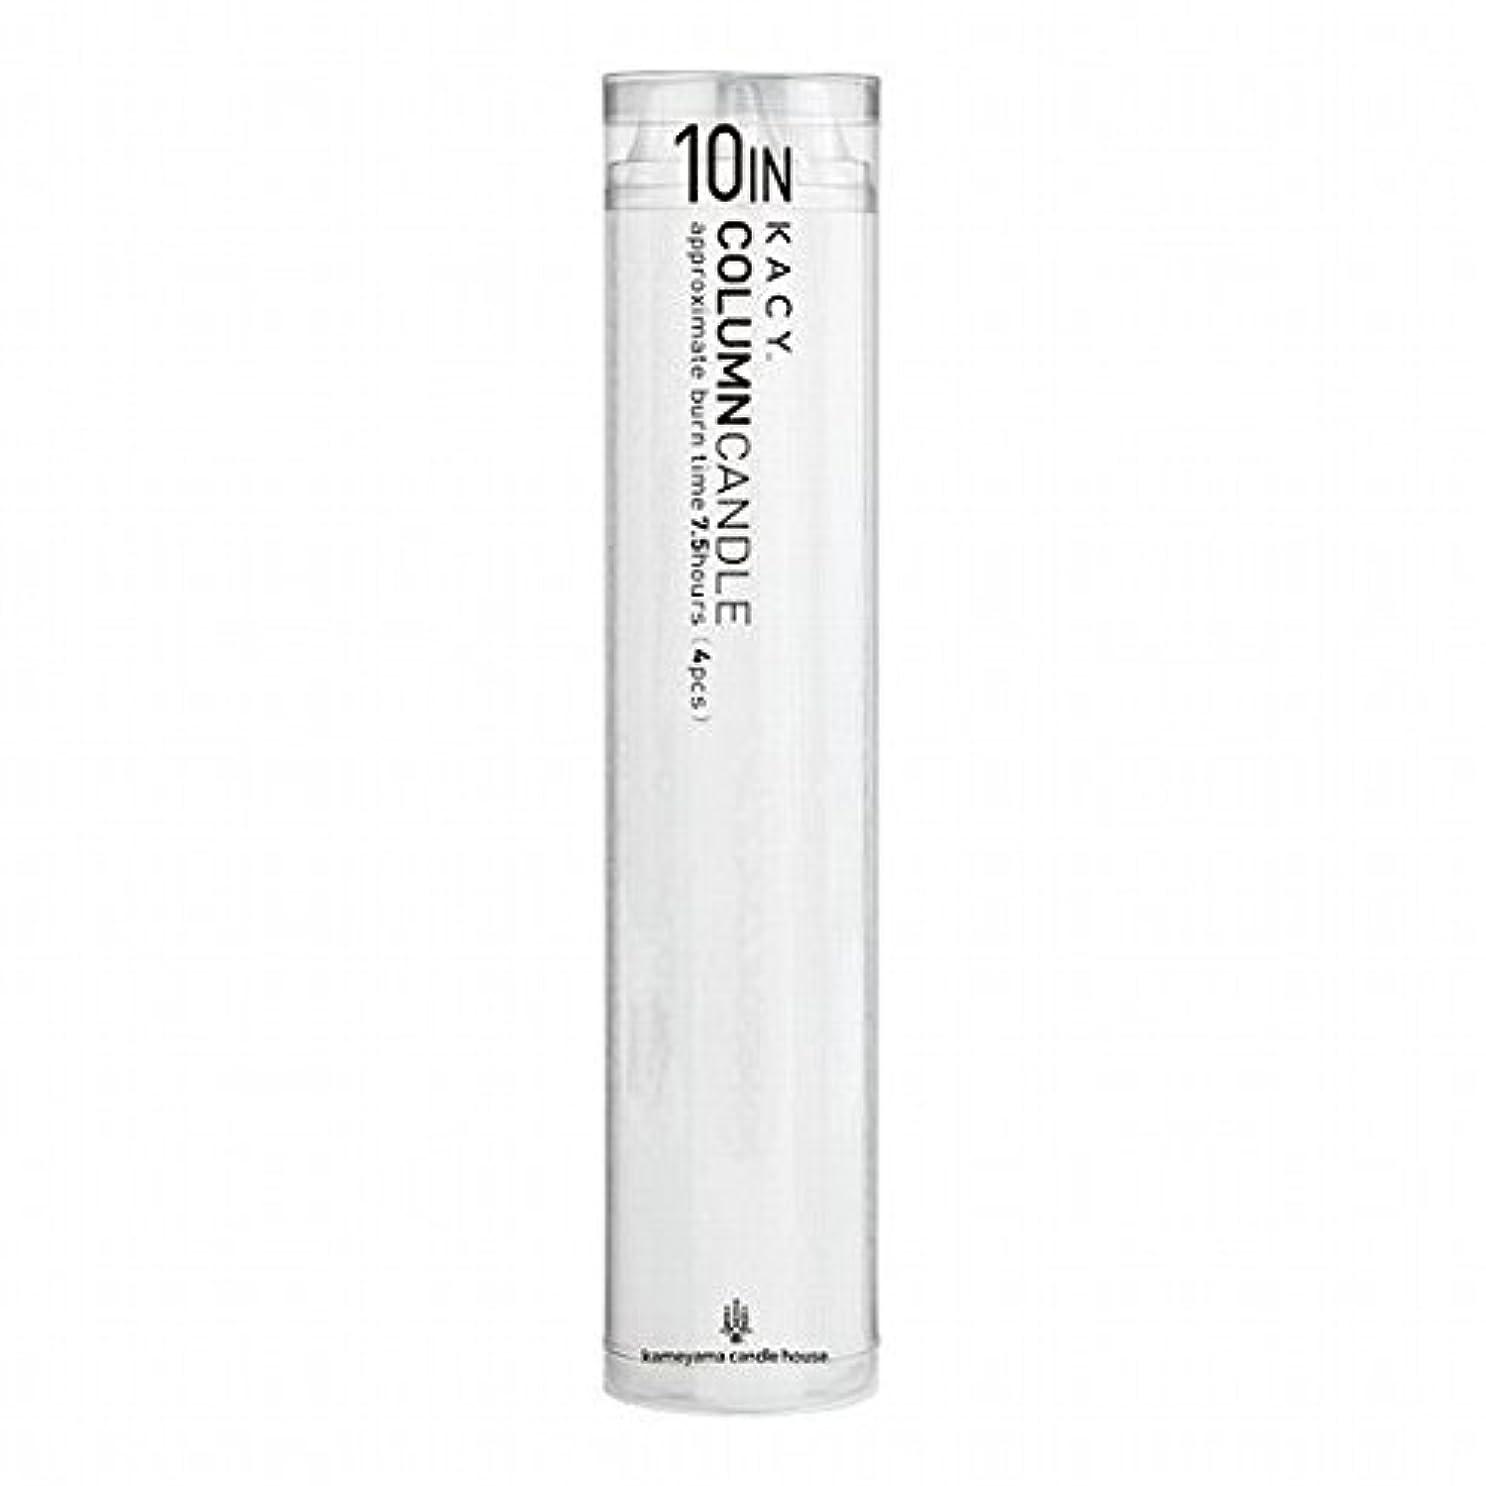 マンモスディンカルビル信号kameyama candle(カメヤマキャンドル) 10インチコラムキャンドル4本入り 「 ホワイト 」(A9123100W)